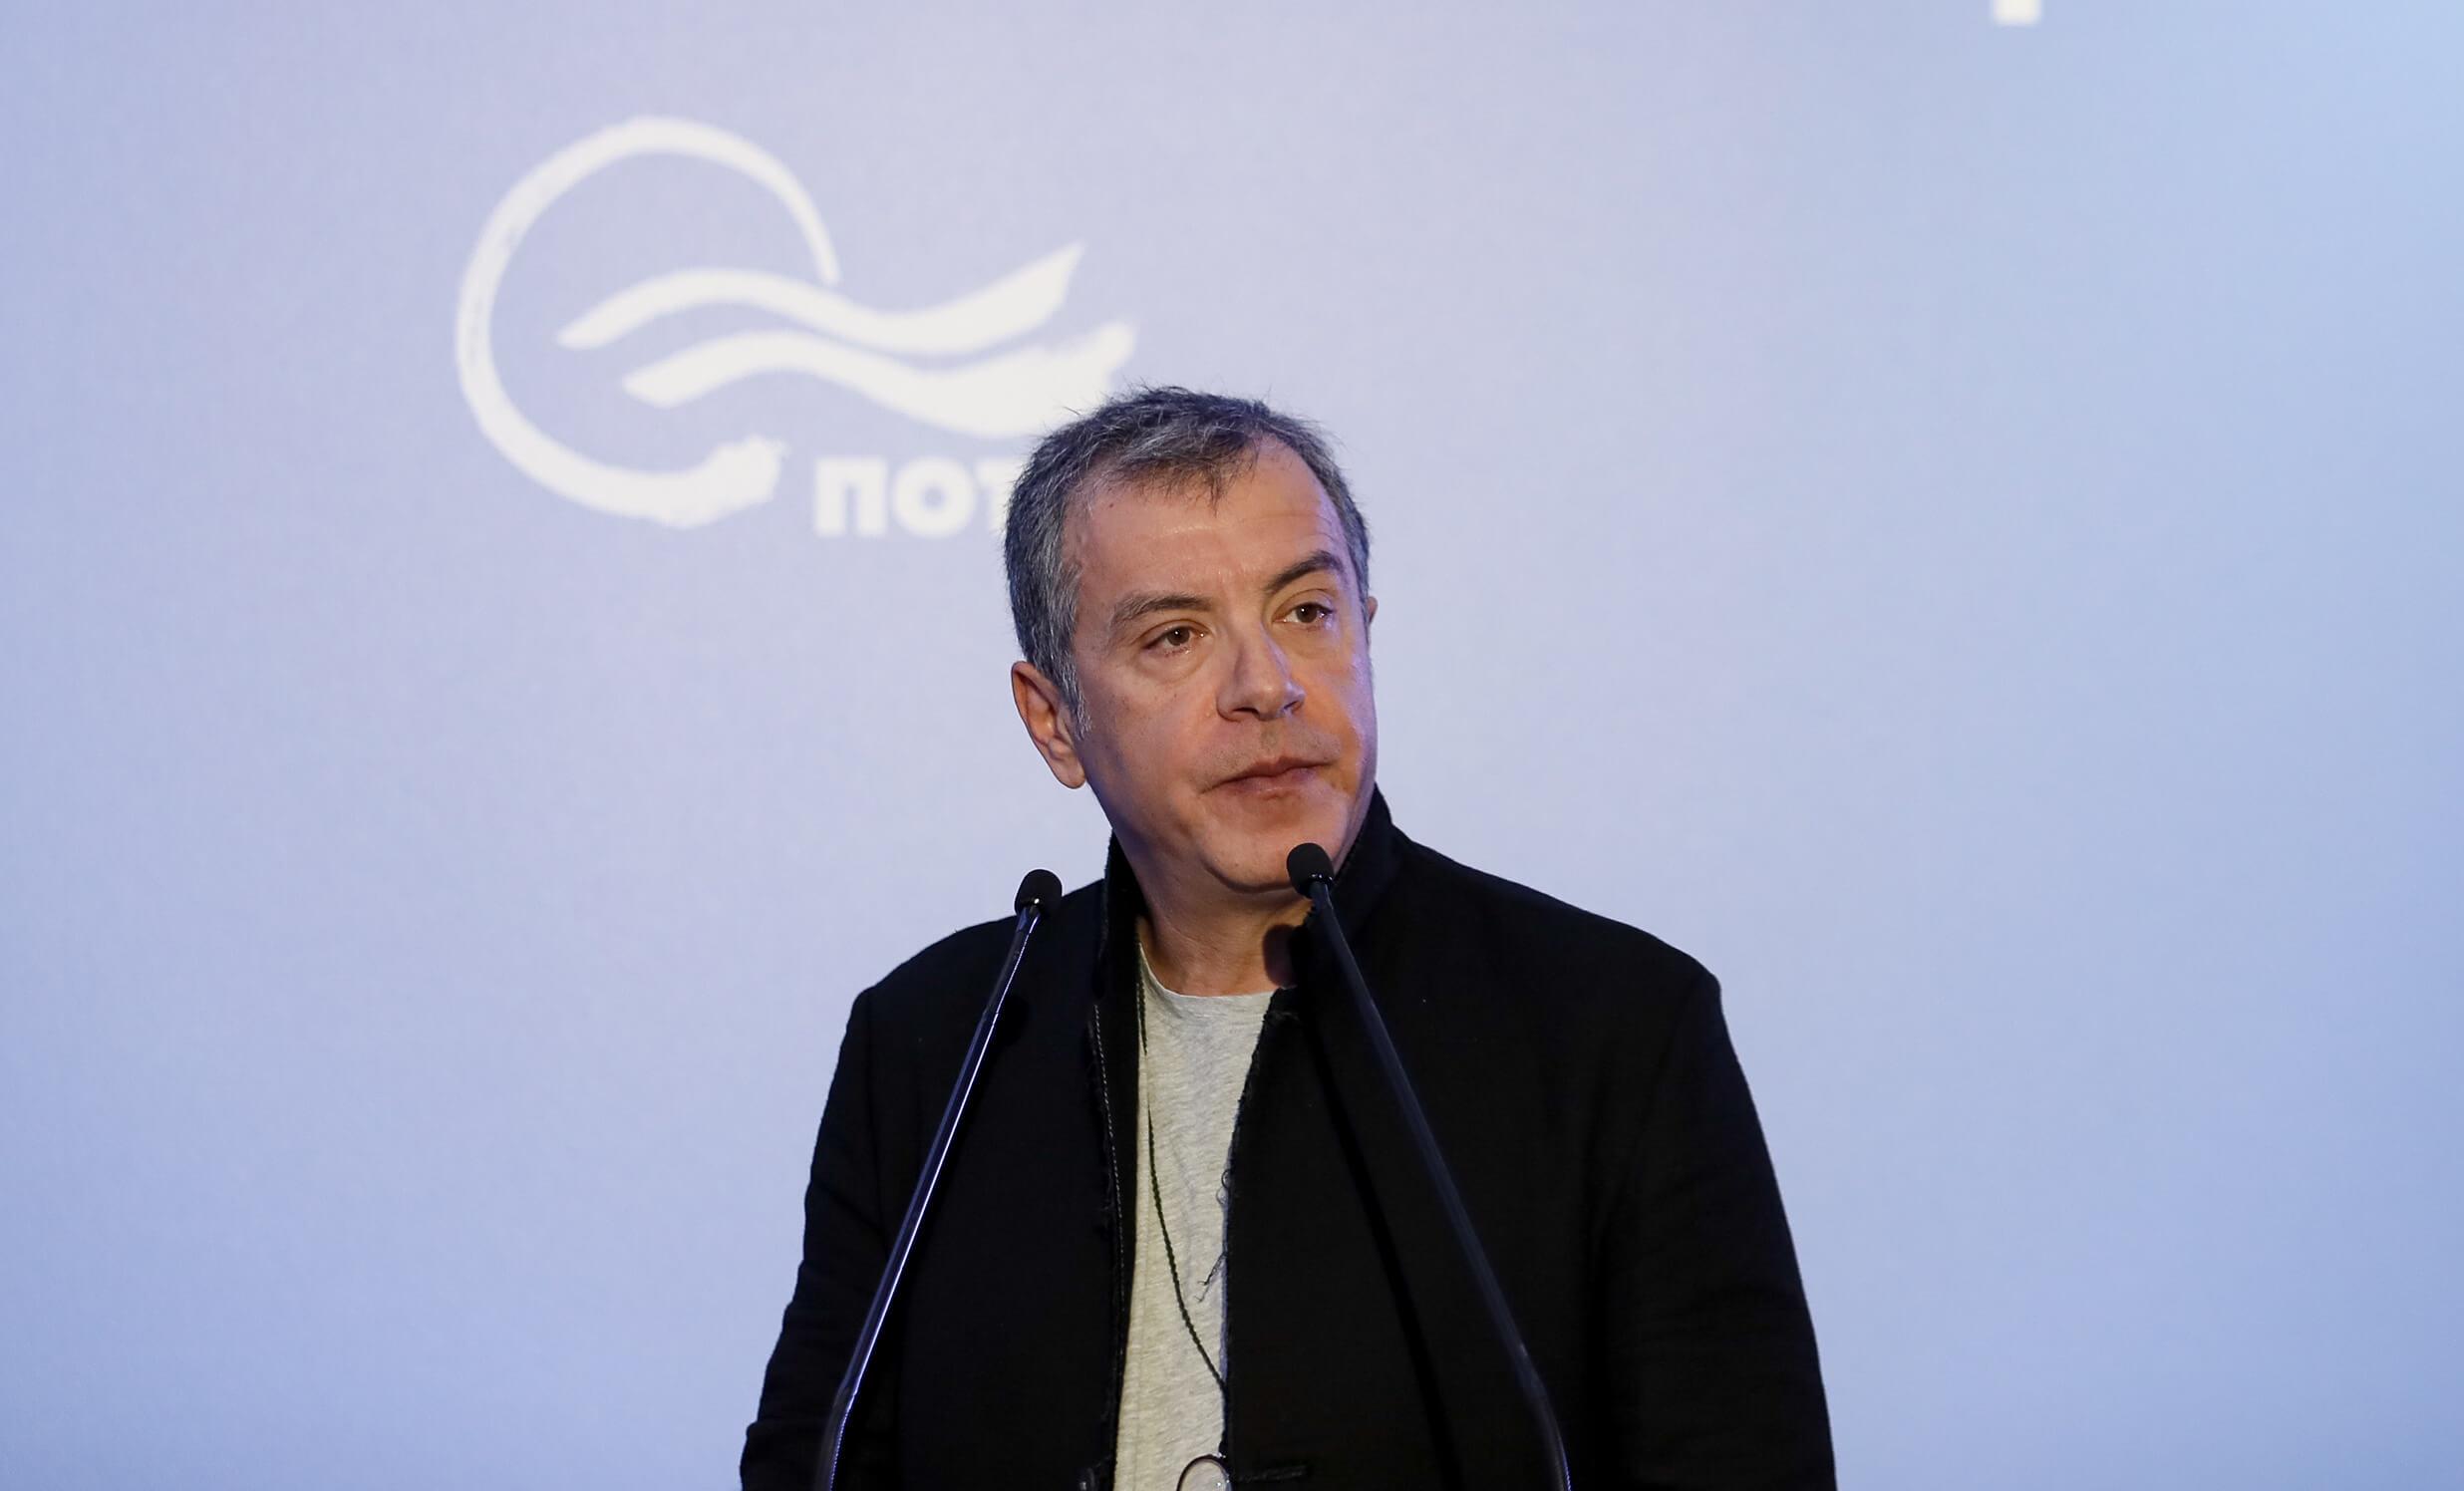 """Θεοδωράκης: """"Ναι"""" στις 120 δόσεις """"όχι"""" σε ψήφο εμπιστοσύνης στην κυβέρνηση"""